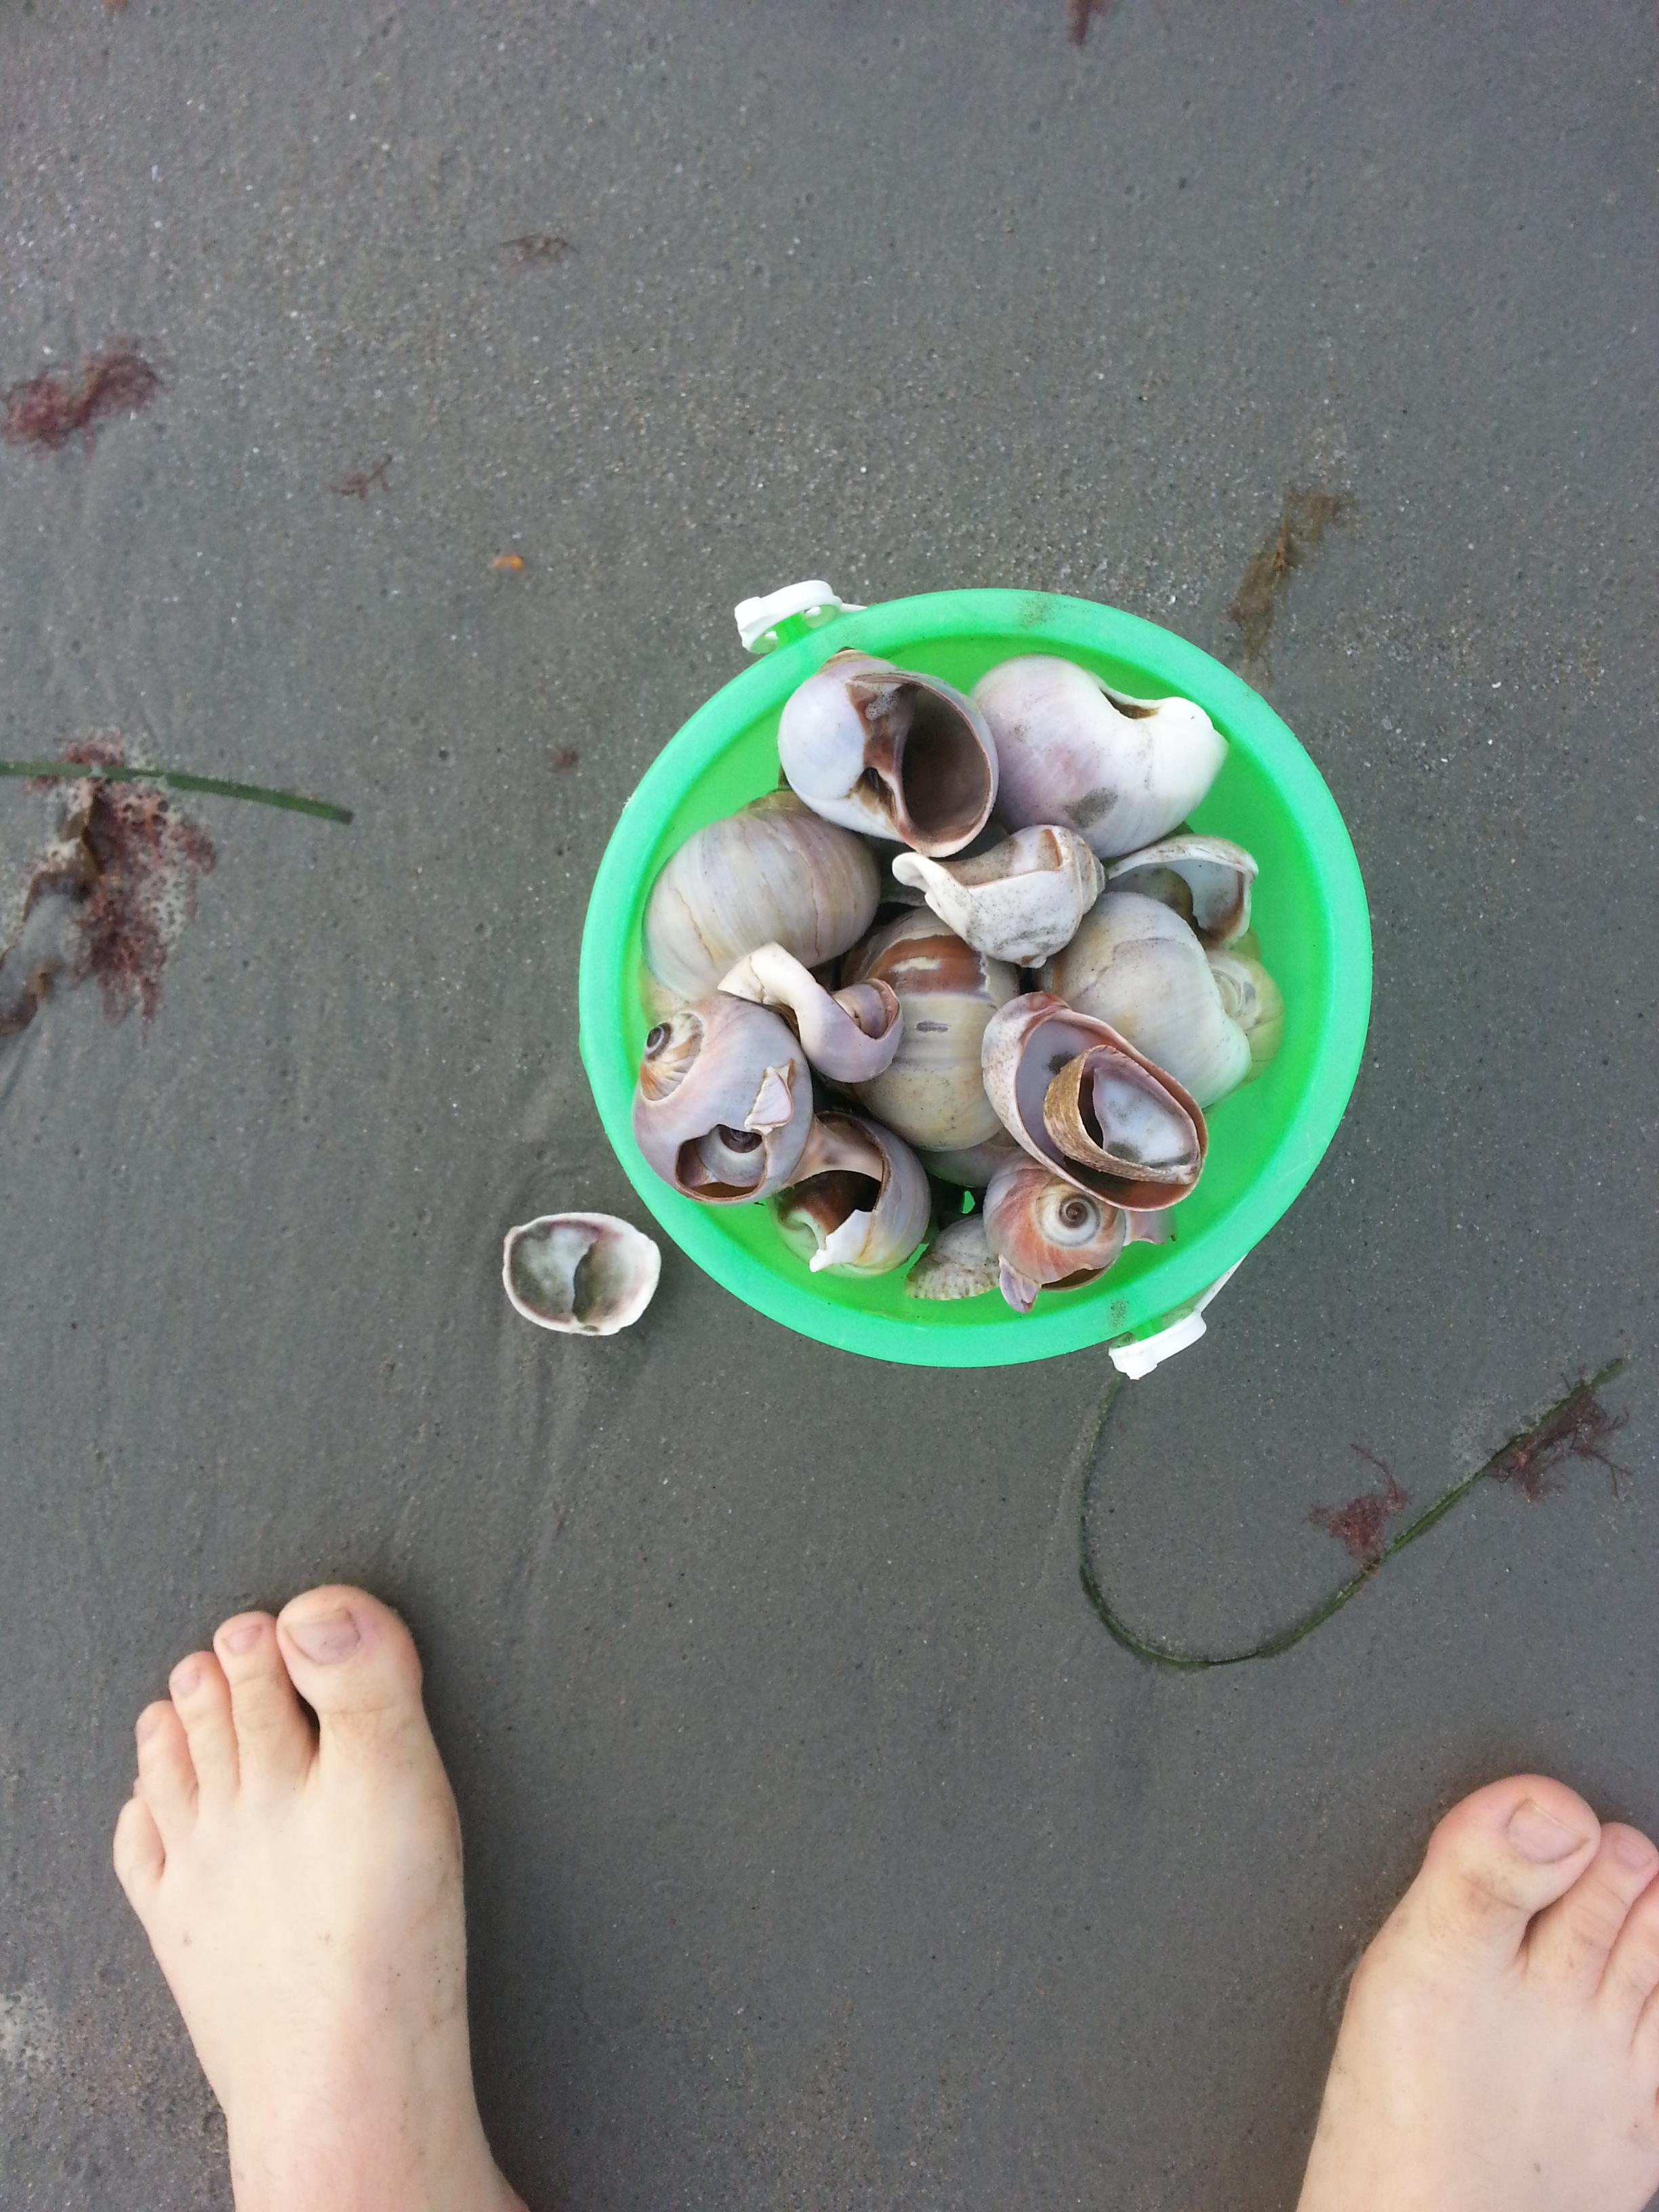 Bucket full of shells